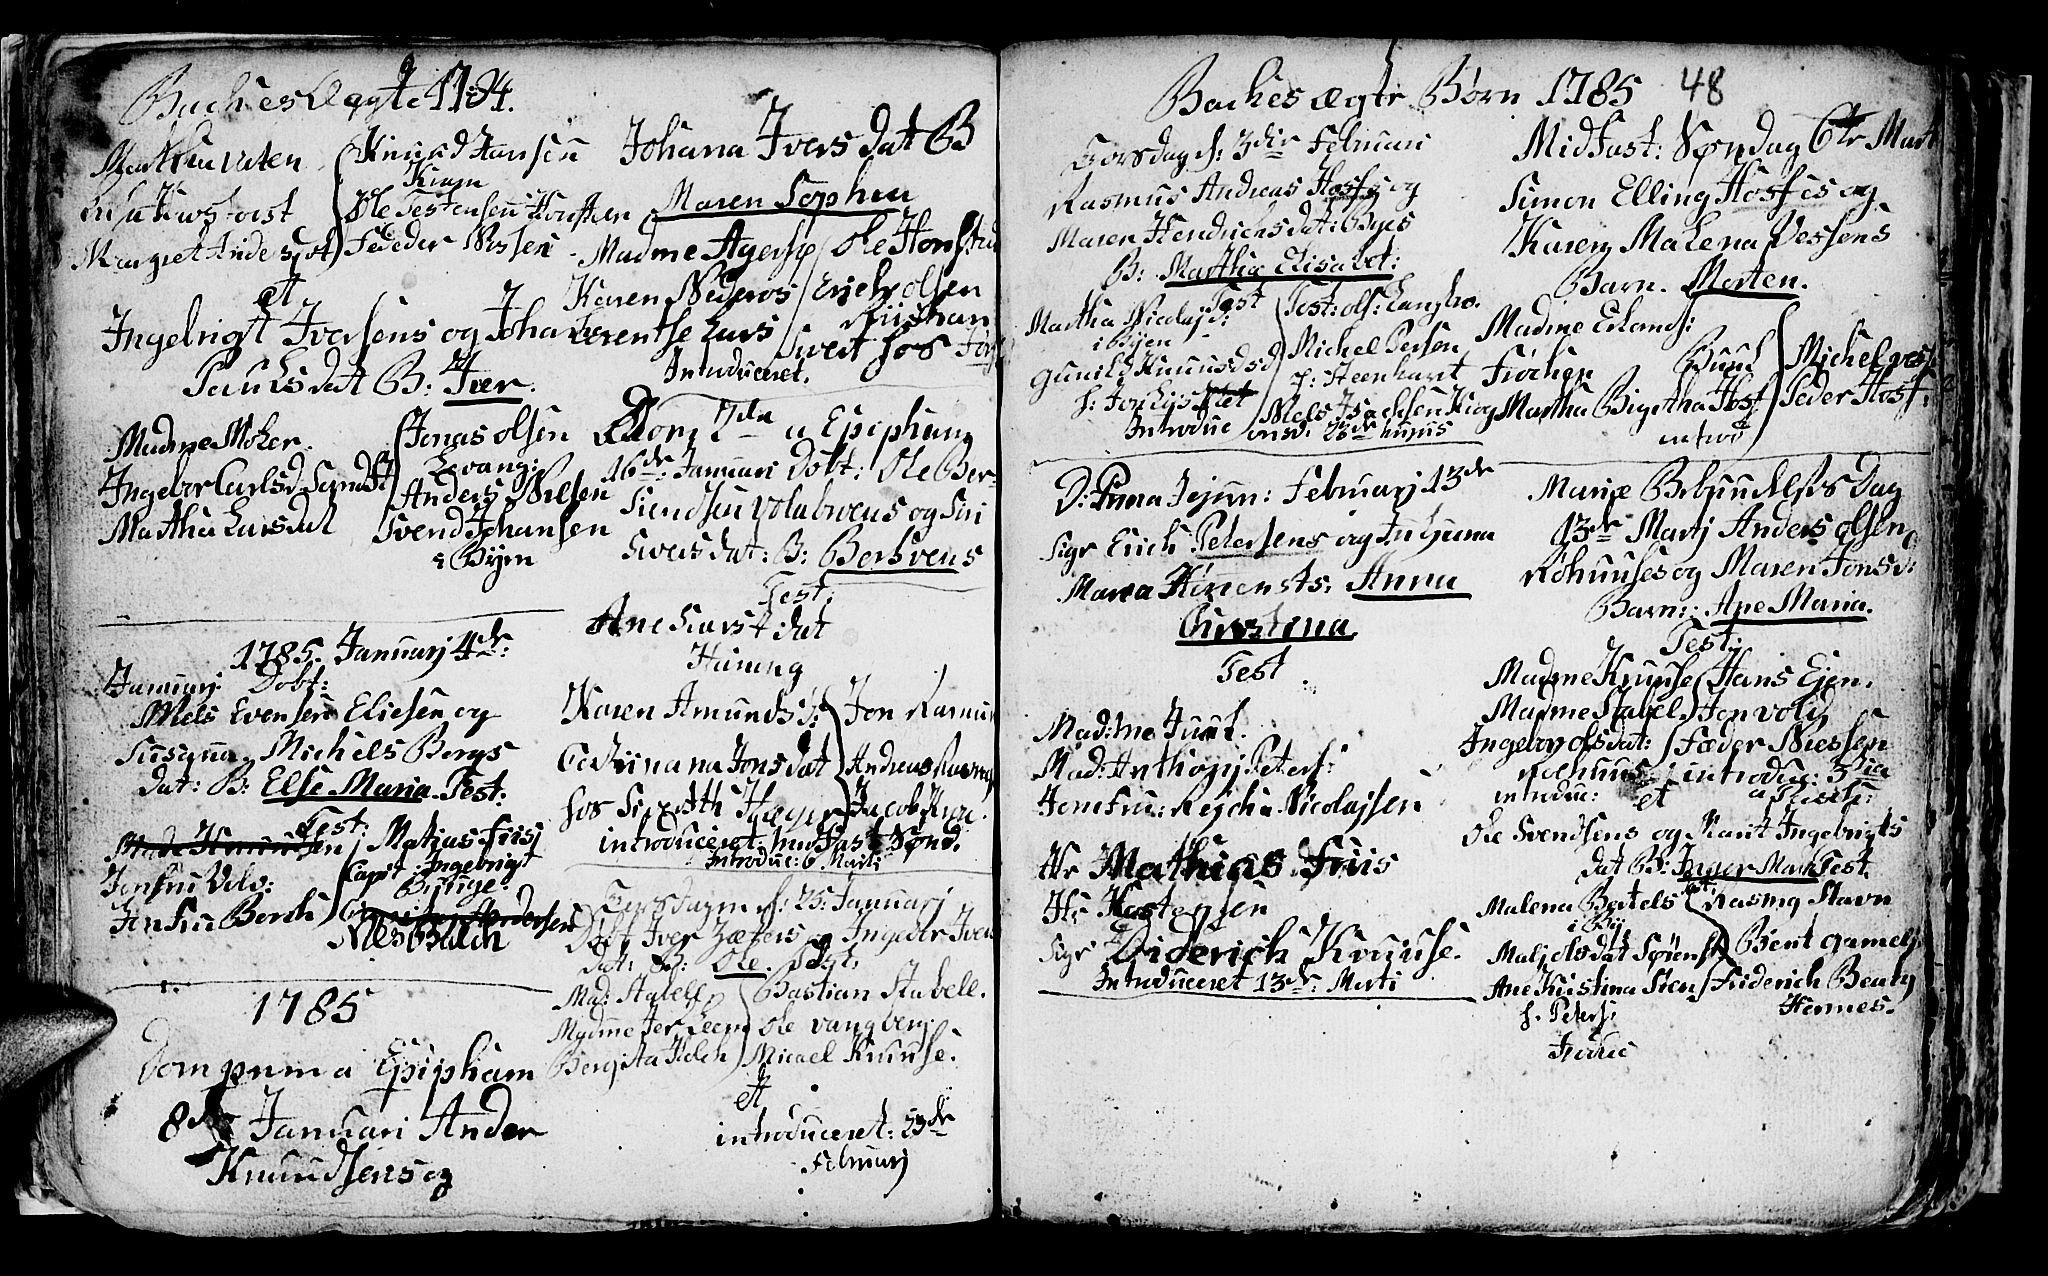 SAT, Ministerialprotokoller, klokkerbøker og fødselsregistre - Sør-Trøndelag, 604/L0218: Klokkerbok nr. 604C01, 1754-1819, s. 48